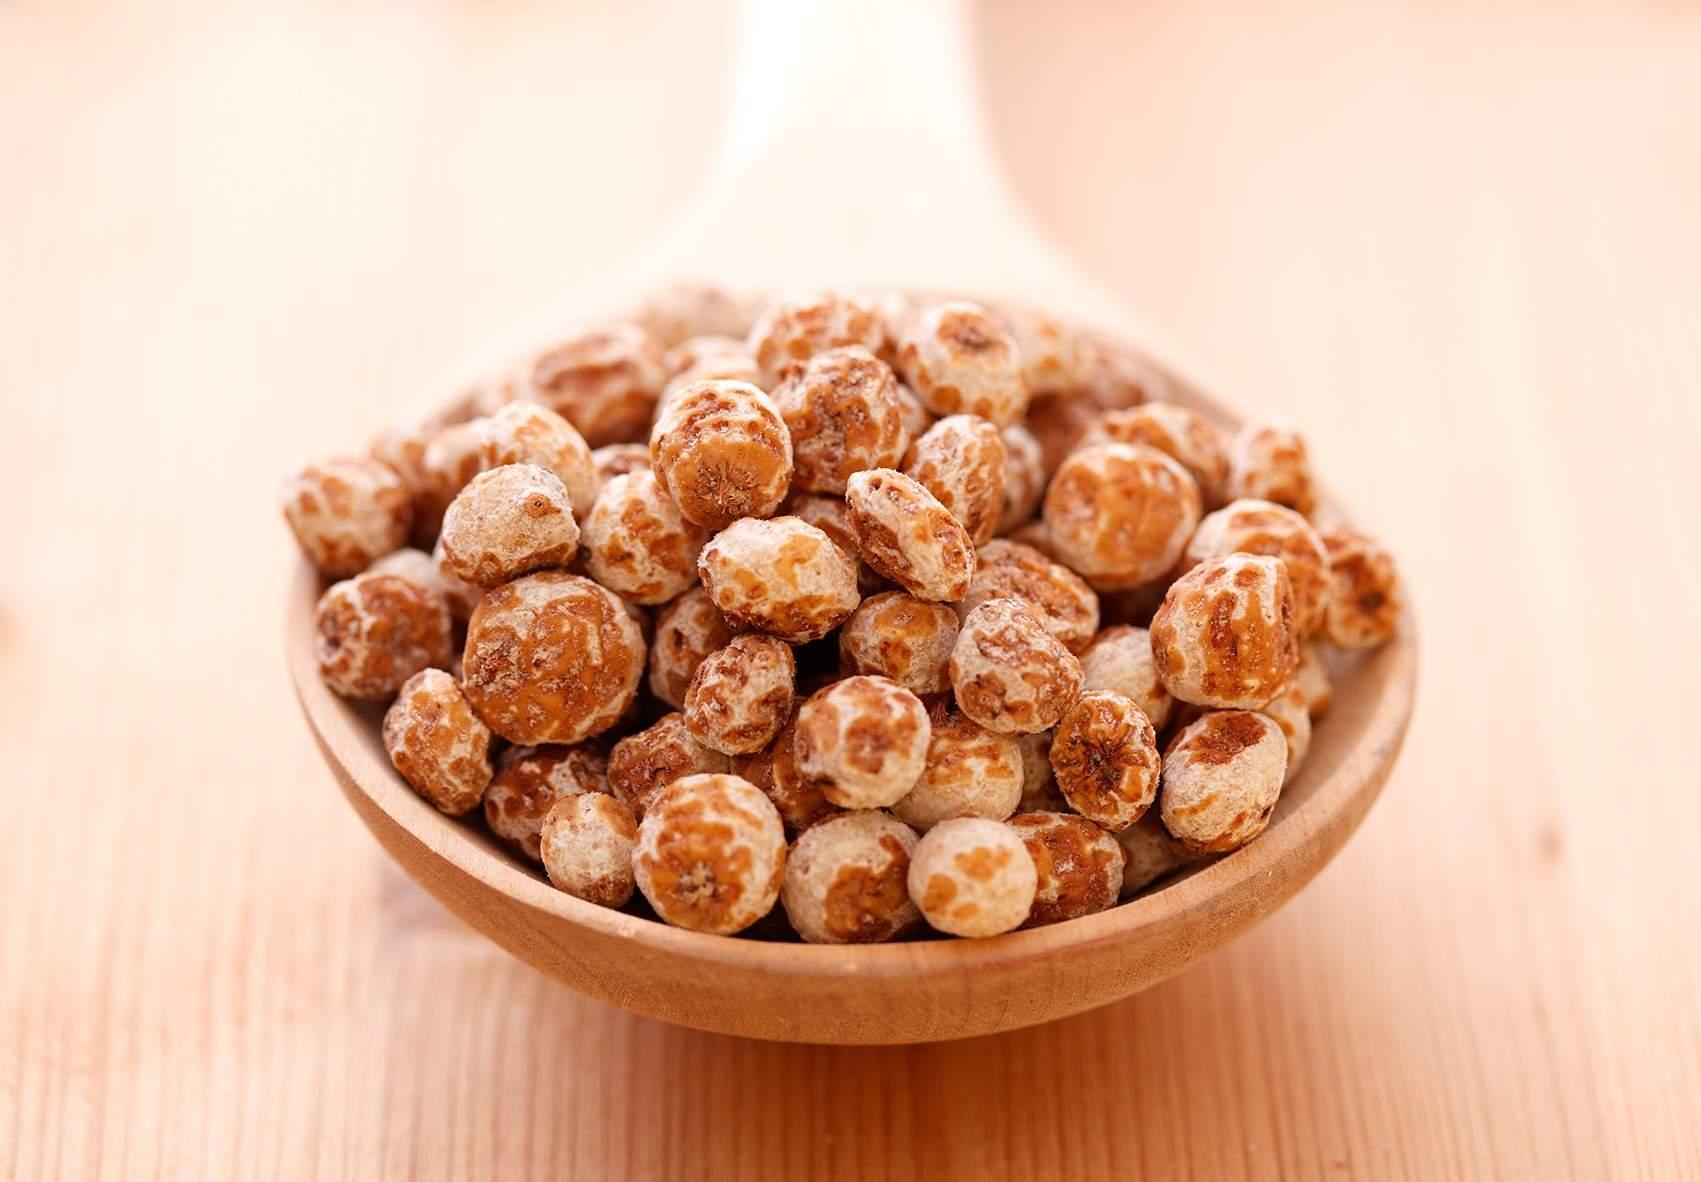 Tigernuts peeled (skinned)